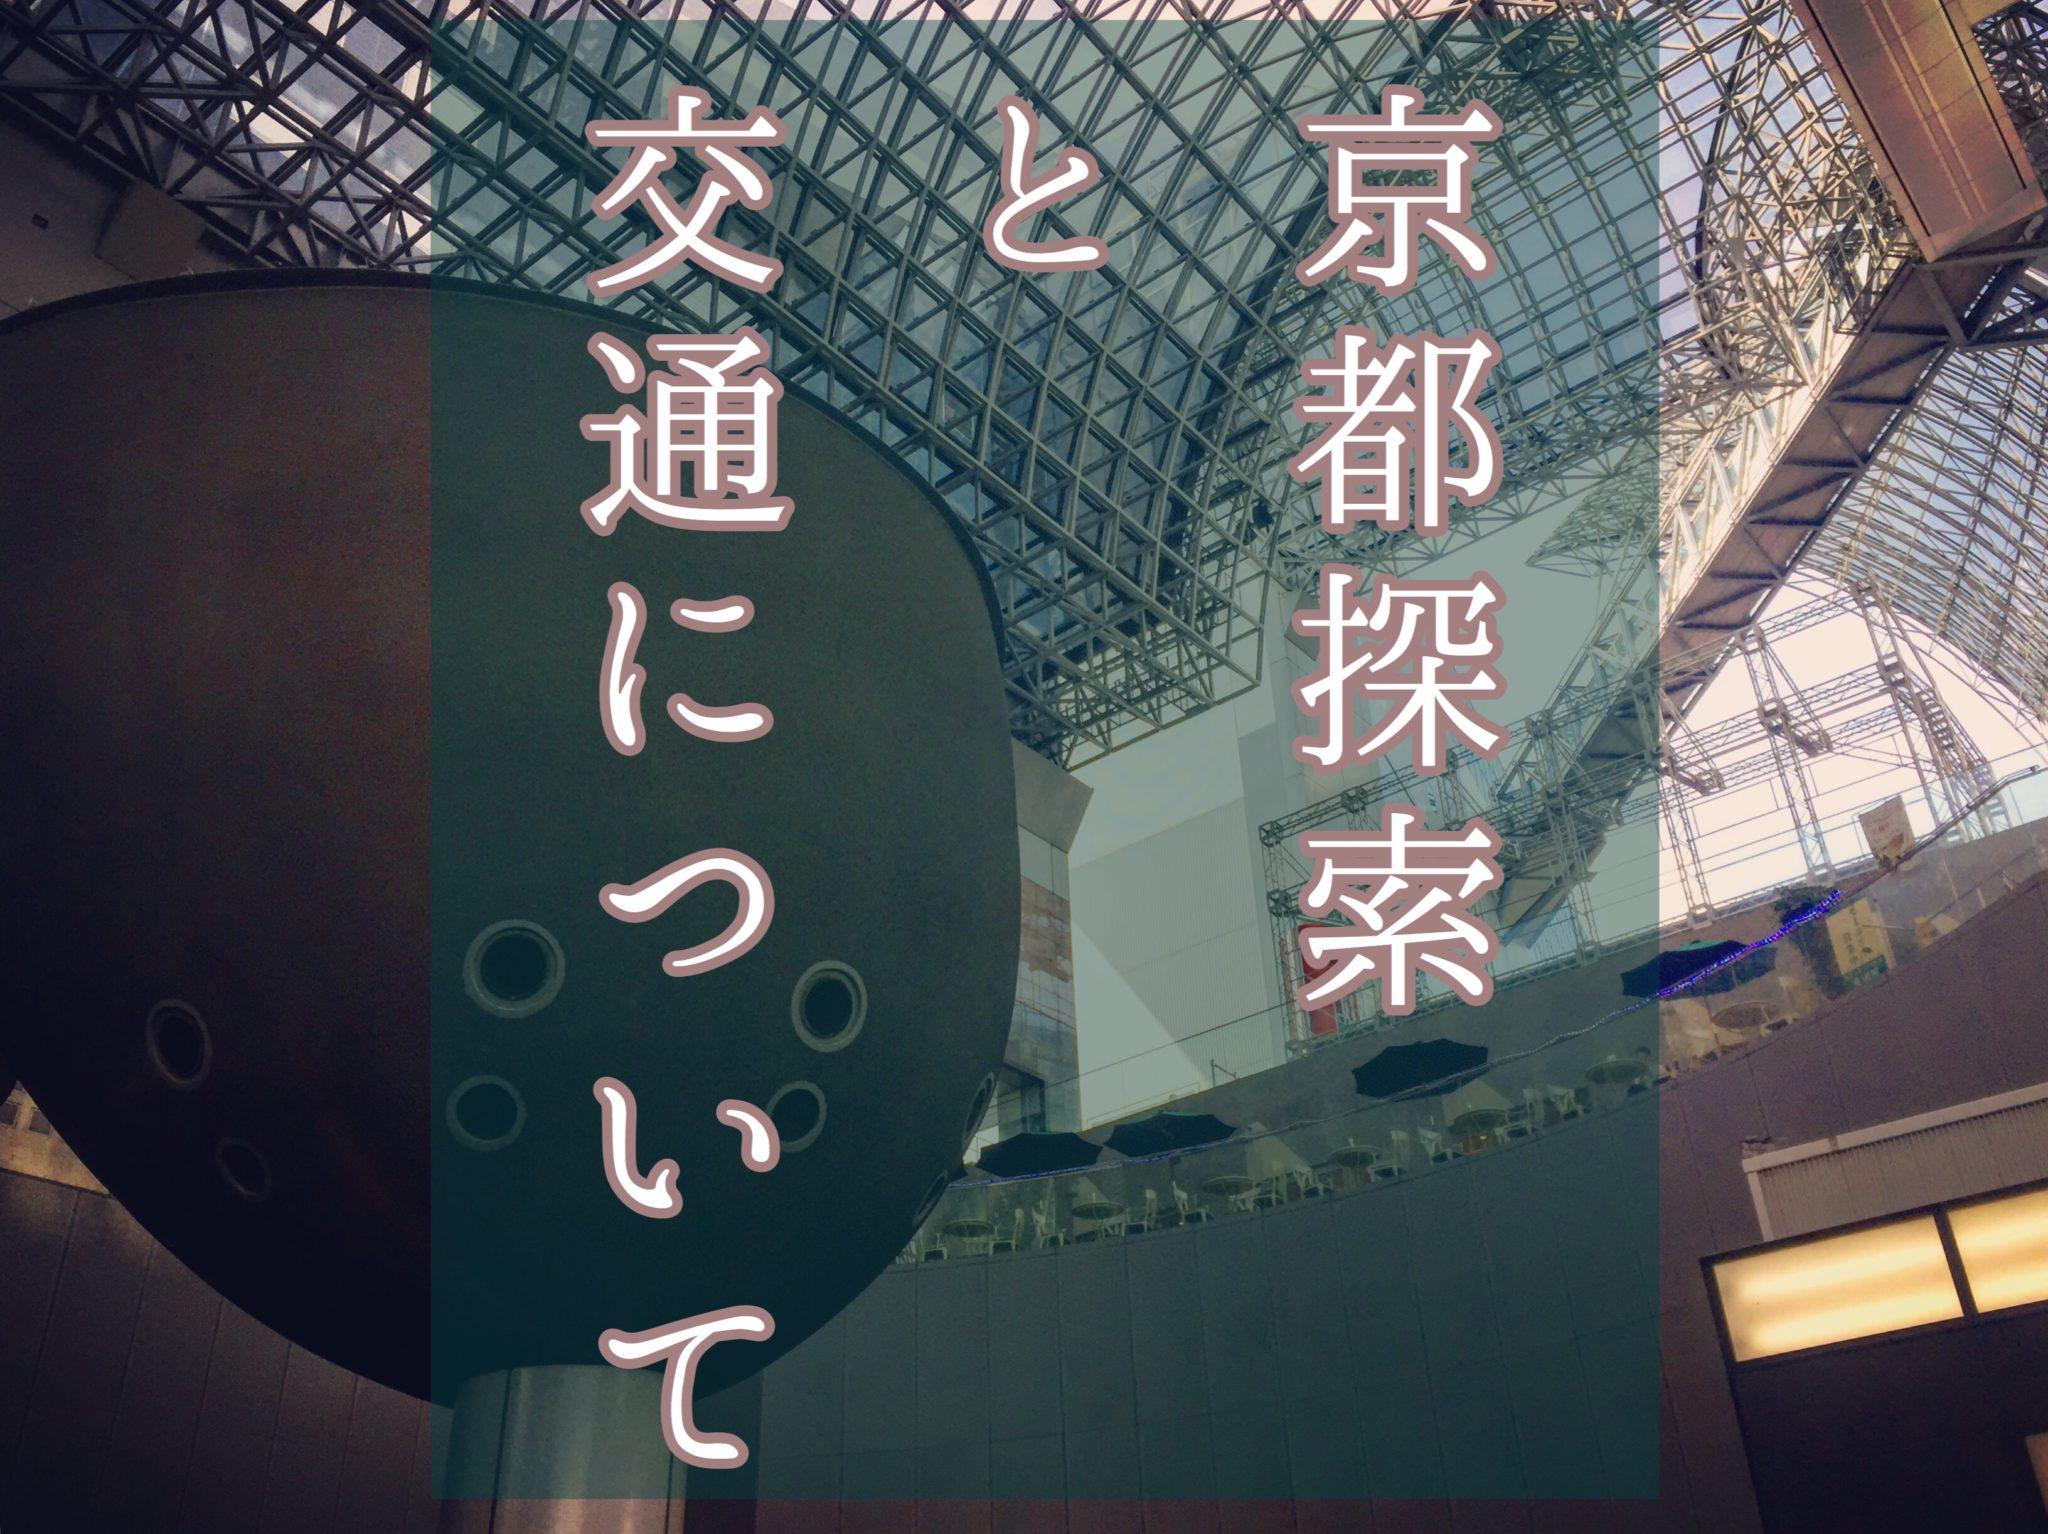 京都市交通についての記事アイキャッチ